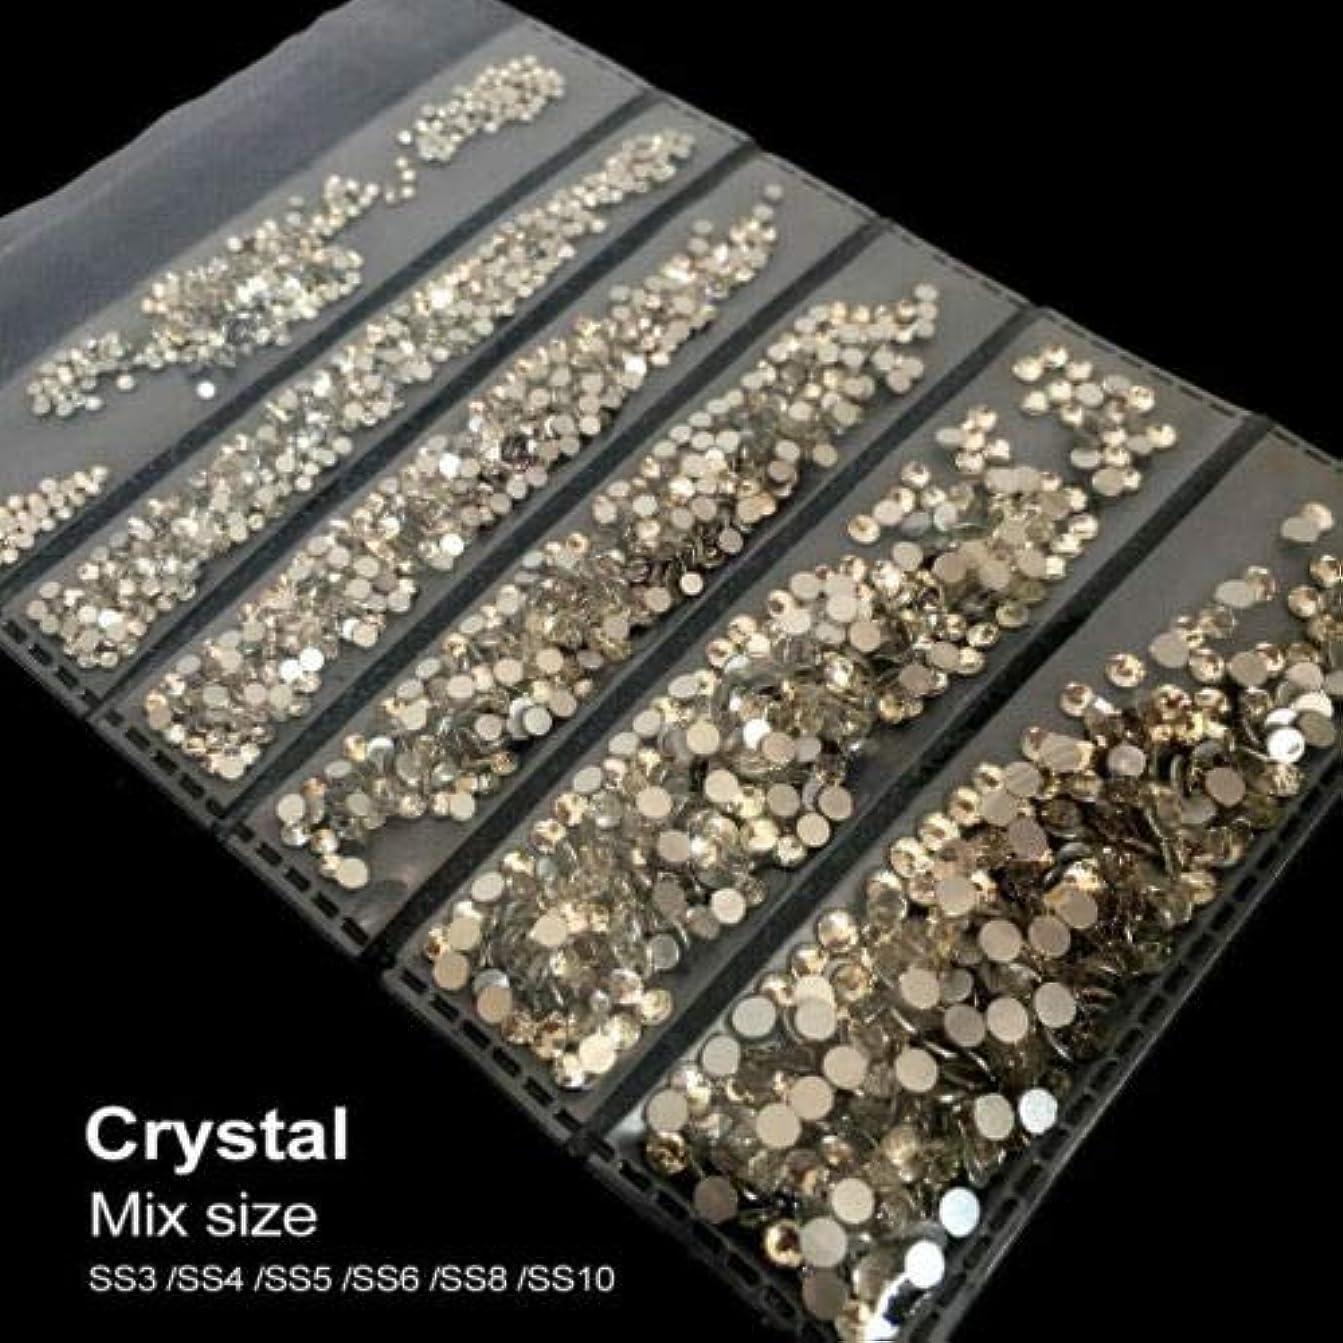 避けられない泥だらけベルFidgetGear ミックスサイズ1.2 mm - 2.8 mmクリスタルガラスラウンドネイルアートラインストーンFlatback 結晶